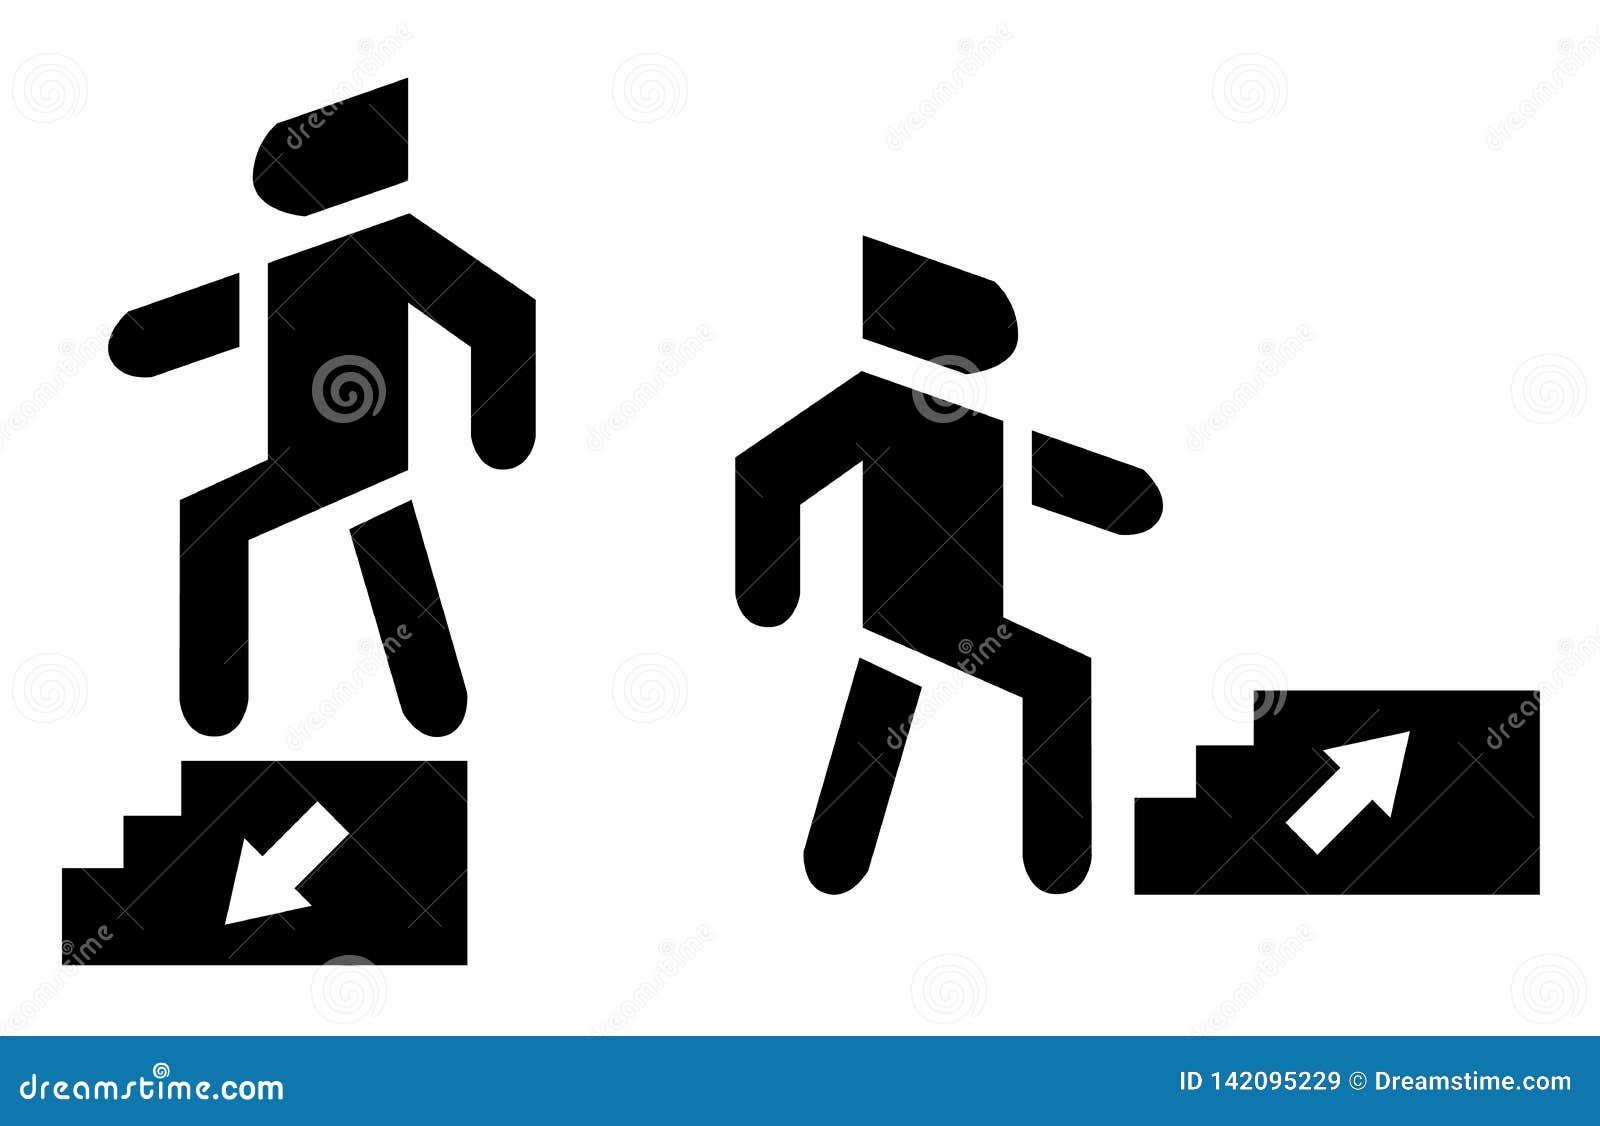 Acima de e para baixo seta Use o ícone do fundo da escadaria